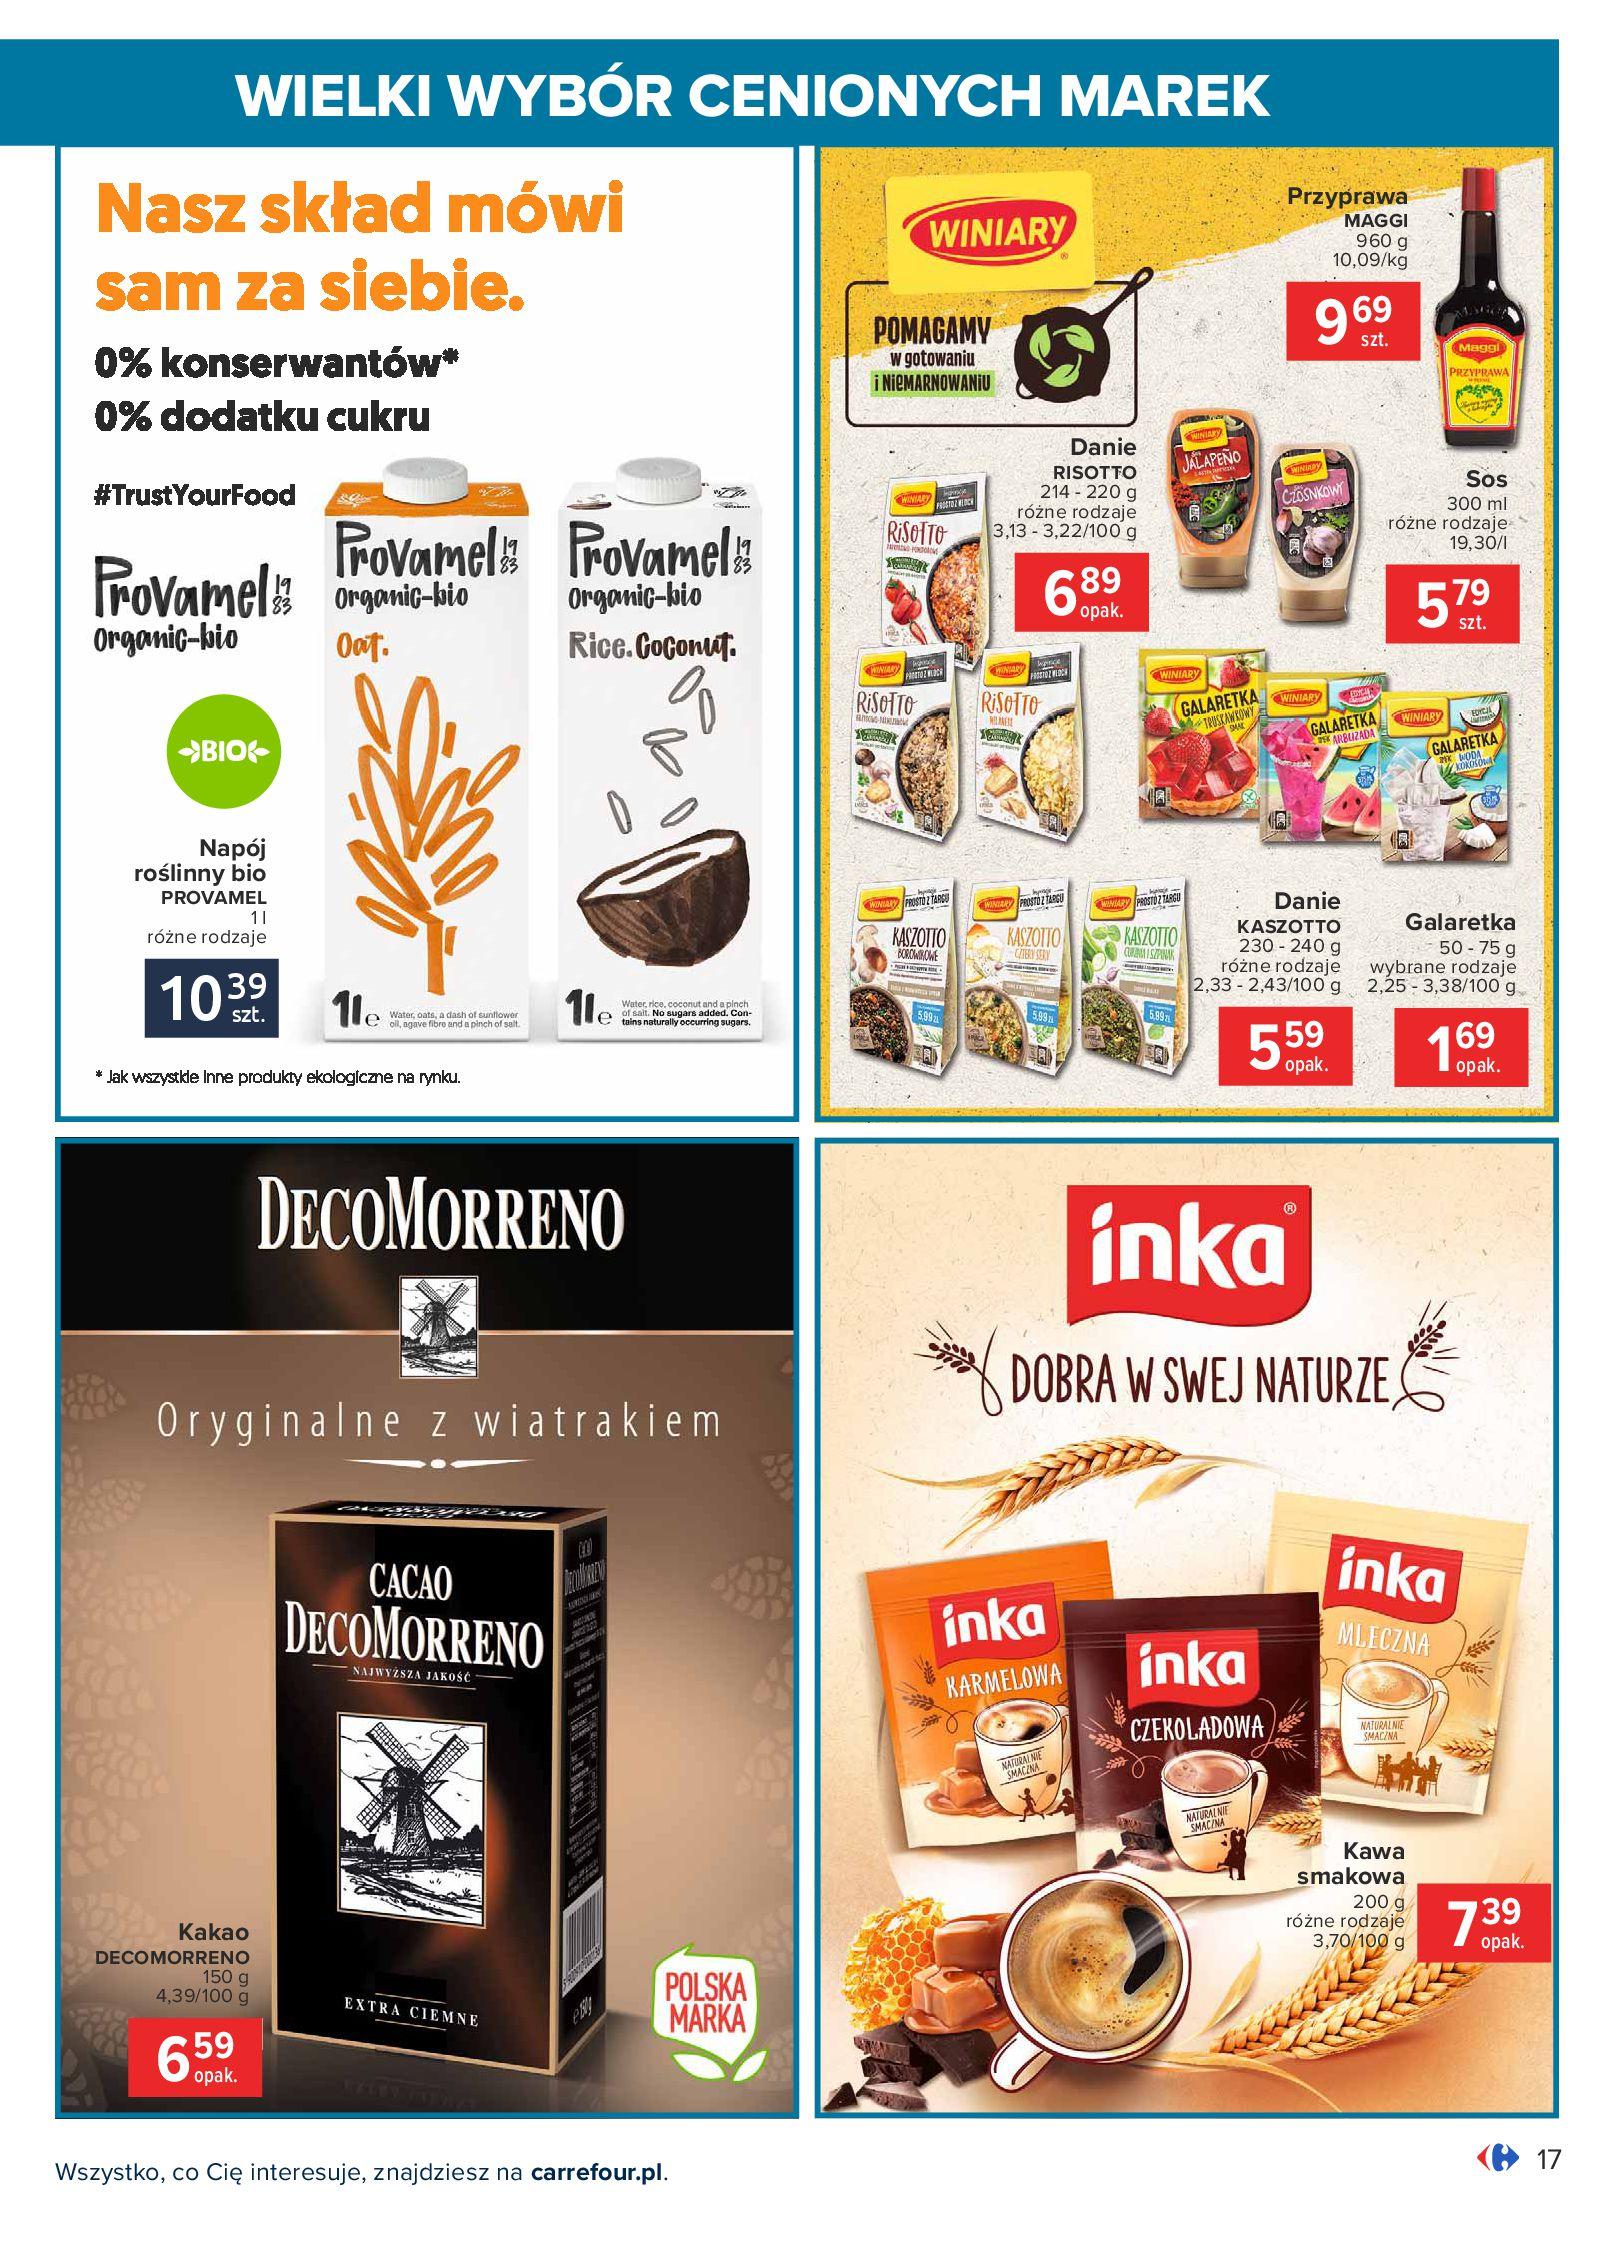 Gazetka Carrefour: Wielki wybór cenionych marek 2021-05-04 page-17